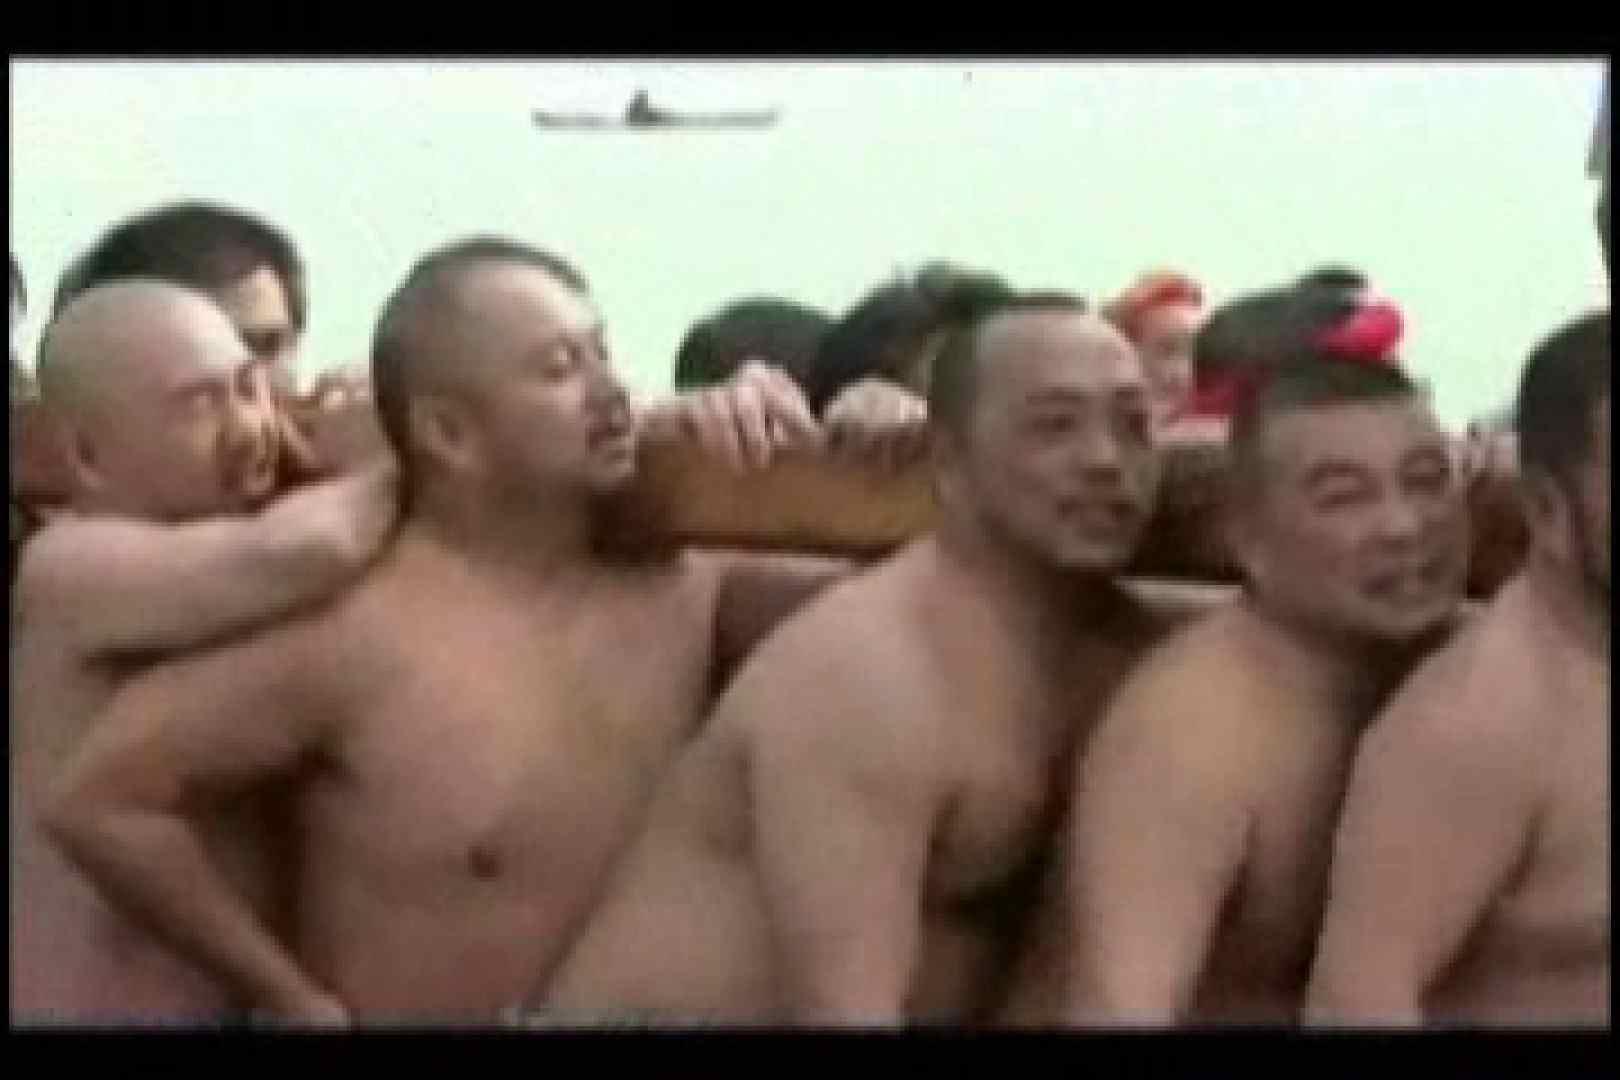 陰間茶屋 男児祭り VOL.2 野外露出セックス   ペニス特集 ゲイ素人エロ画像 96枚 17